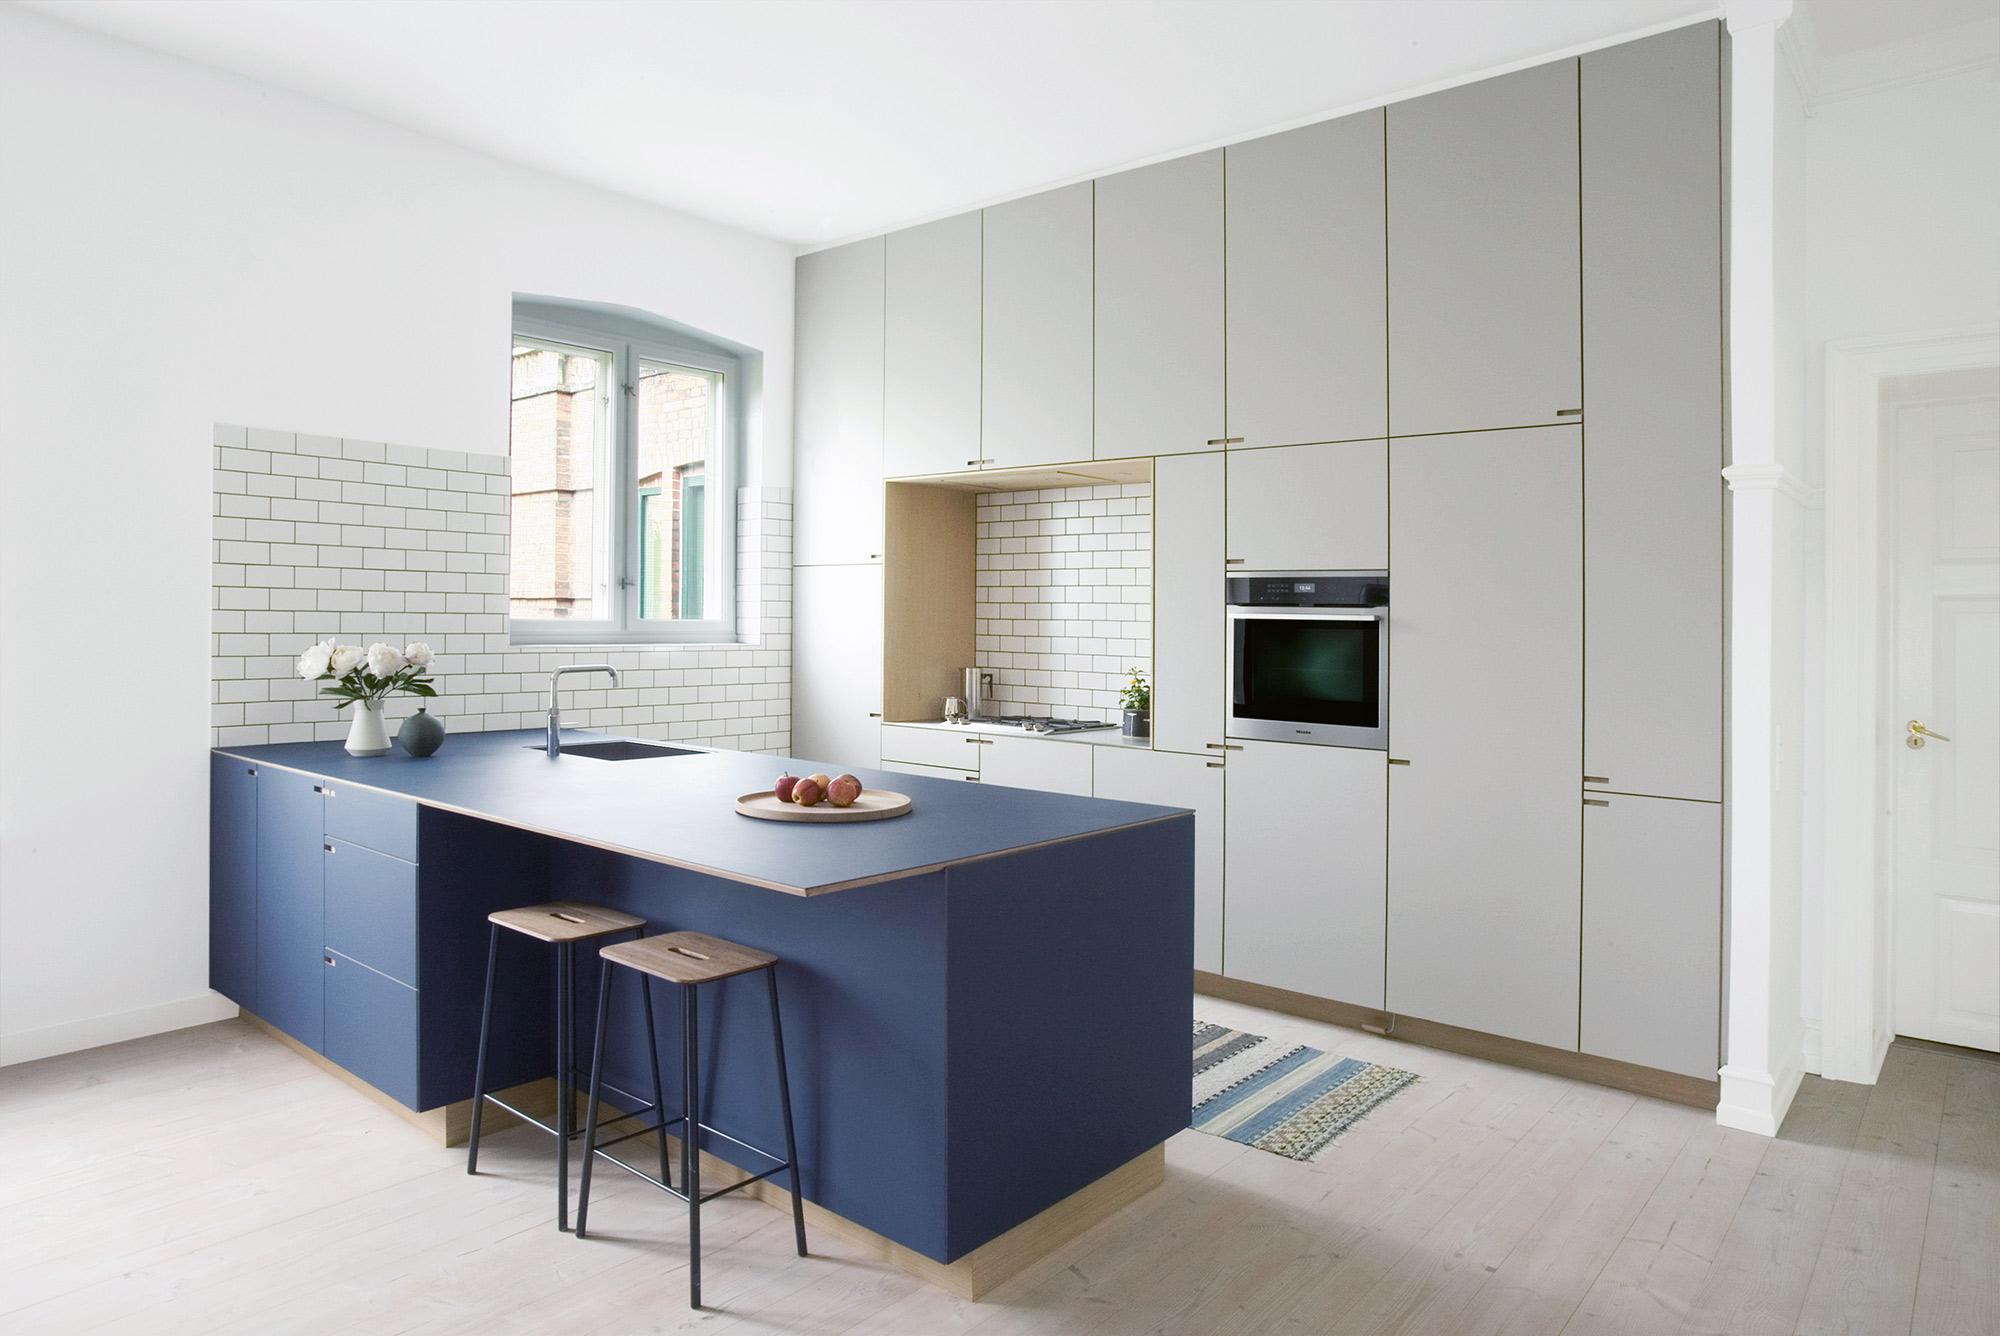 Minimalistisk snedkerkøkken i egetræ og linoleum. Designet og produceret af køkkensnedker Nicolaj Bo™ - Rahbeks allé, København